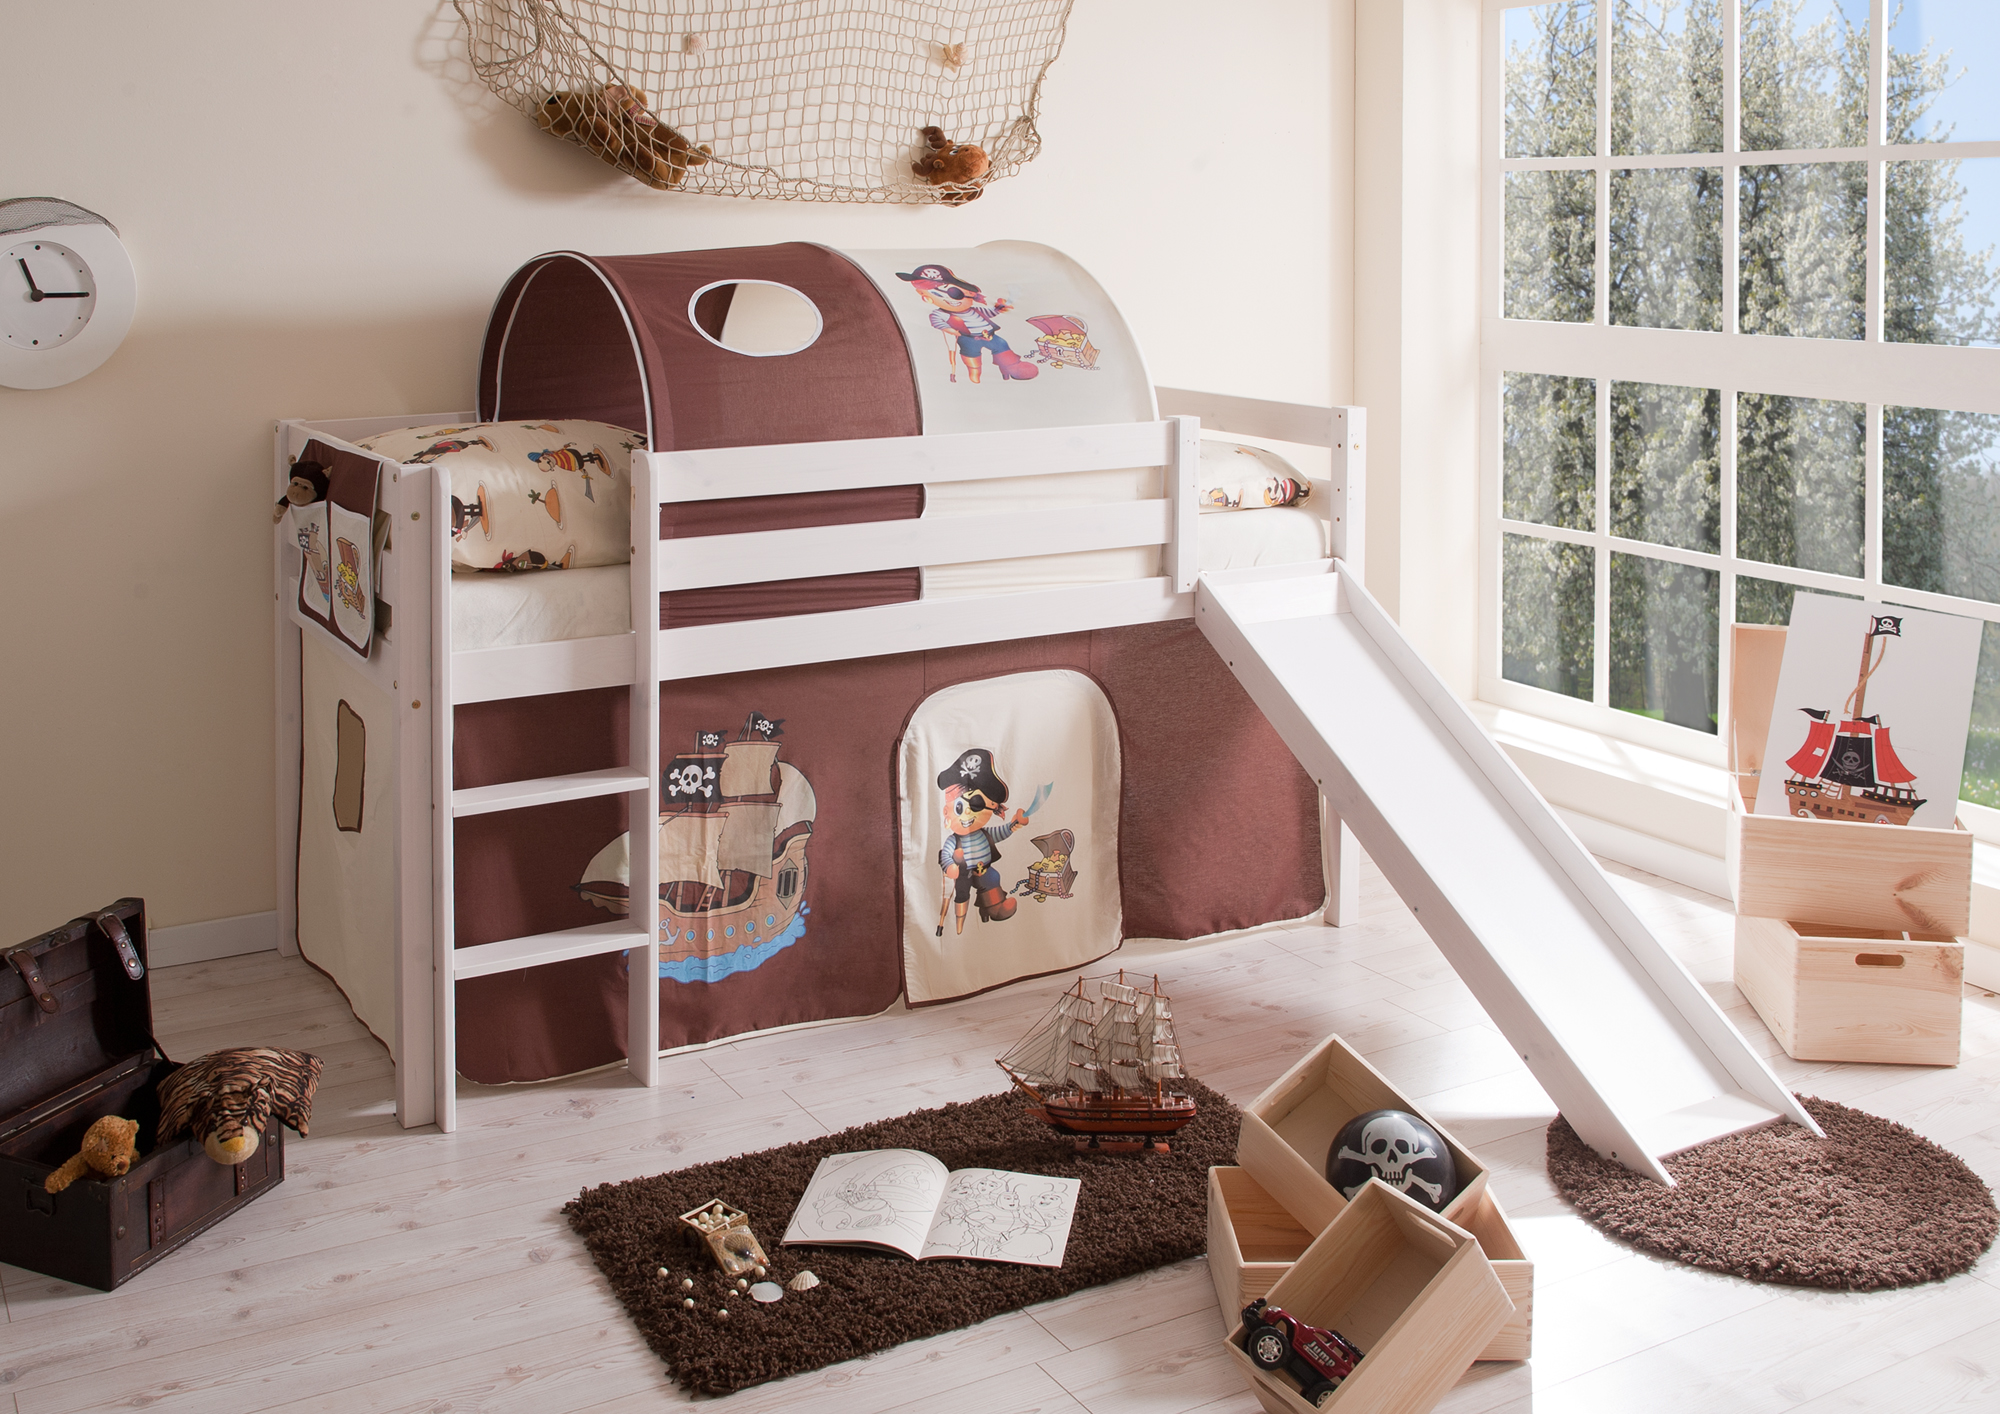 comprar cama bali con tobogan cortinas pirata marron y somier-1